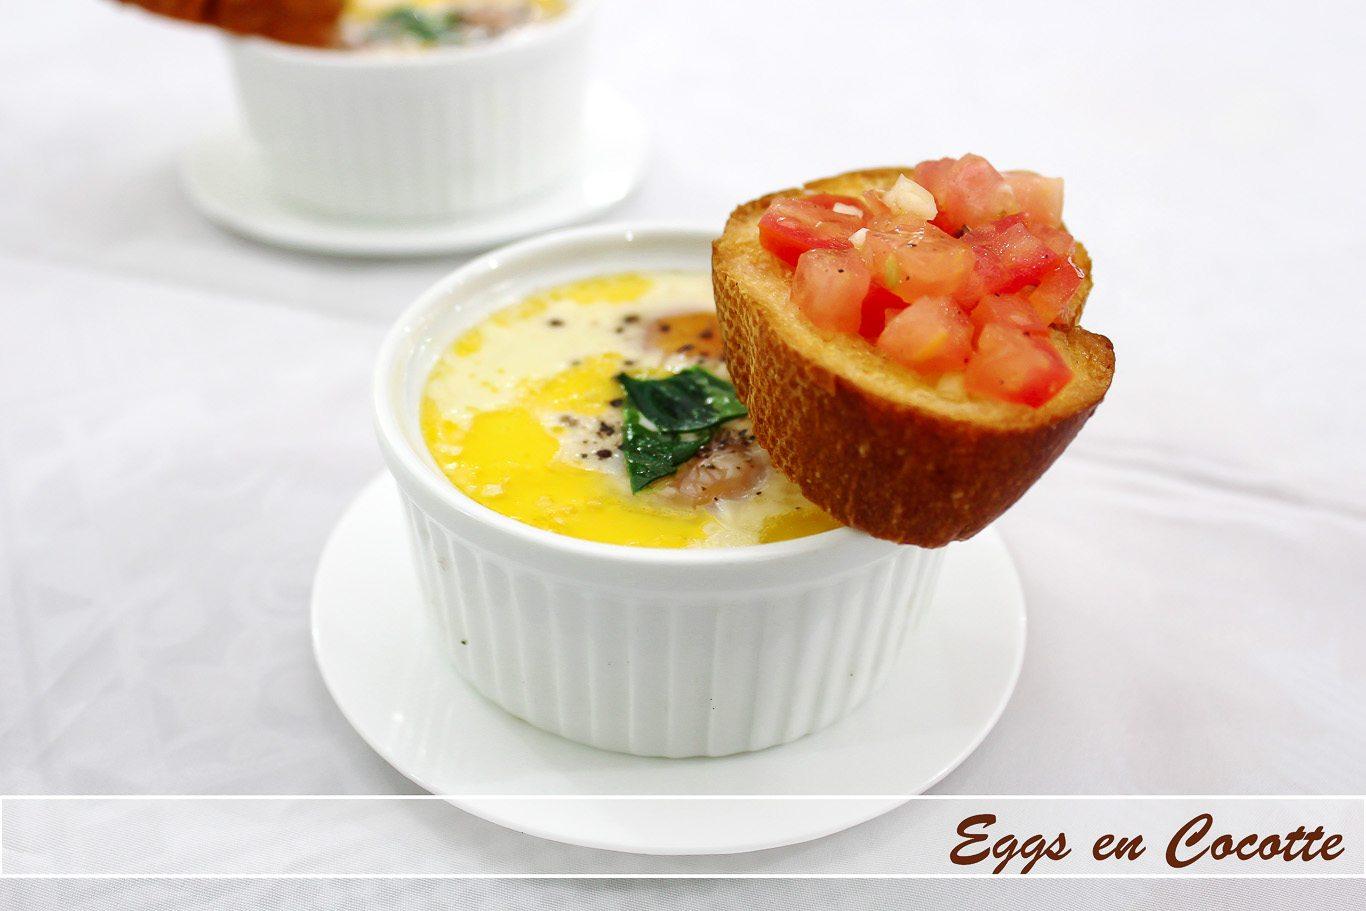 Eggs en cocotte